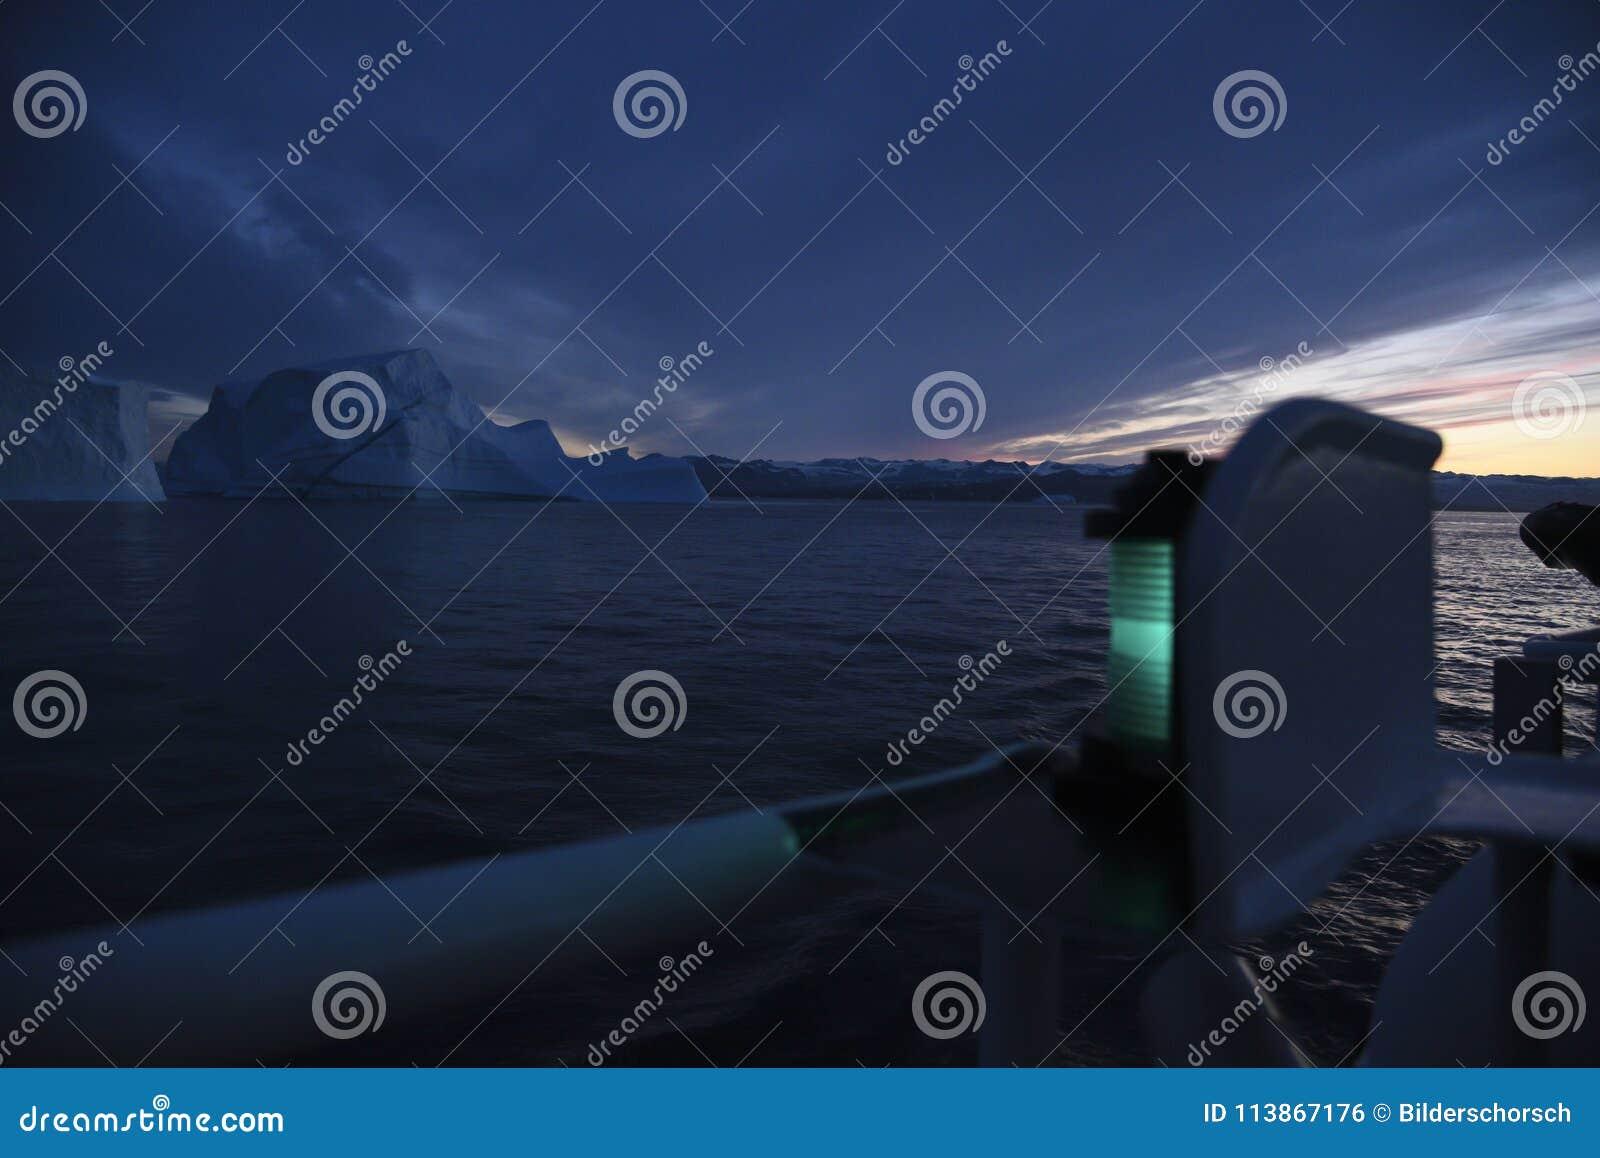 Φως ναυσιπλοΐας ενός σκάφους